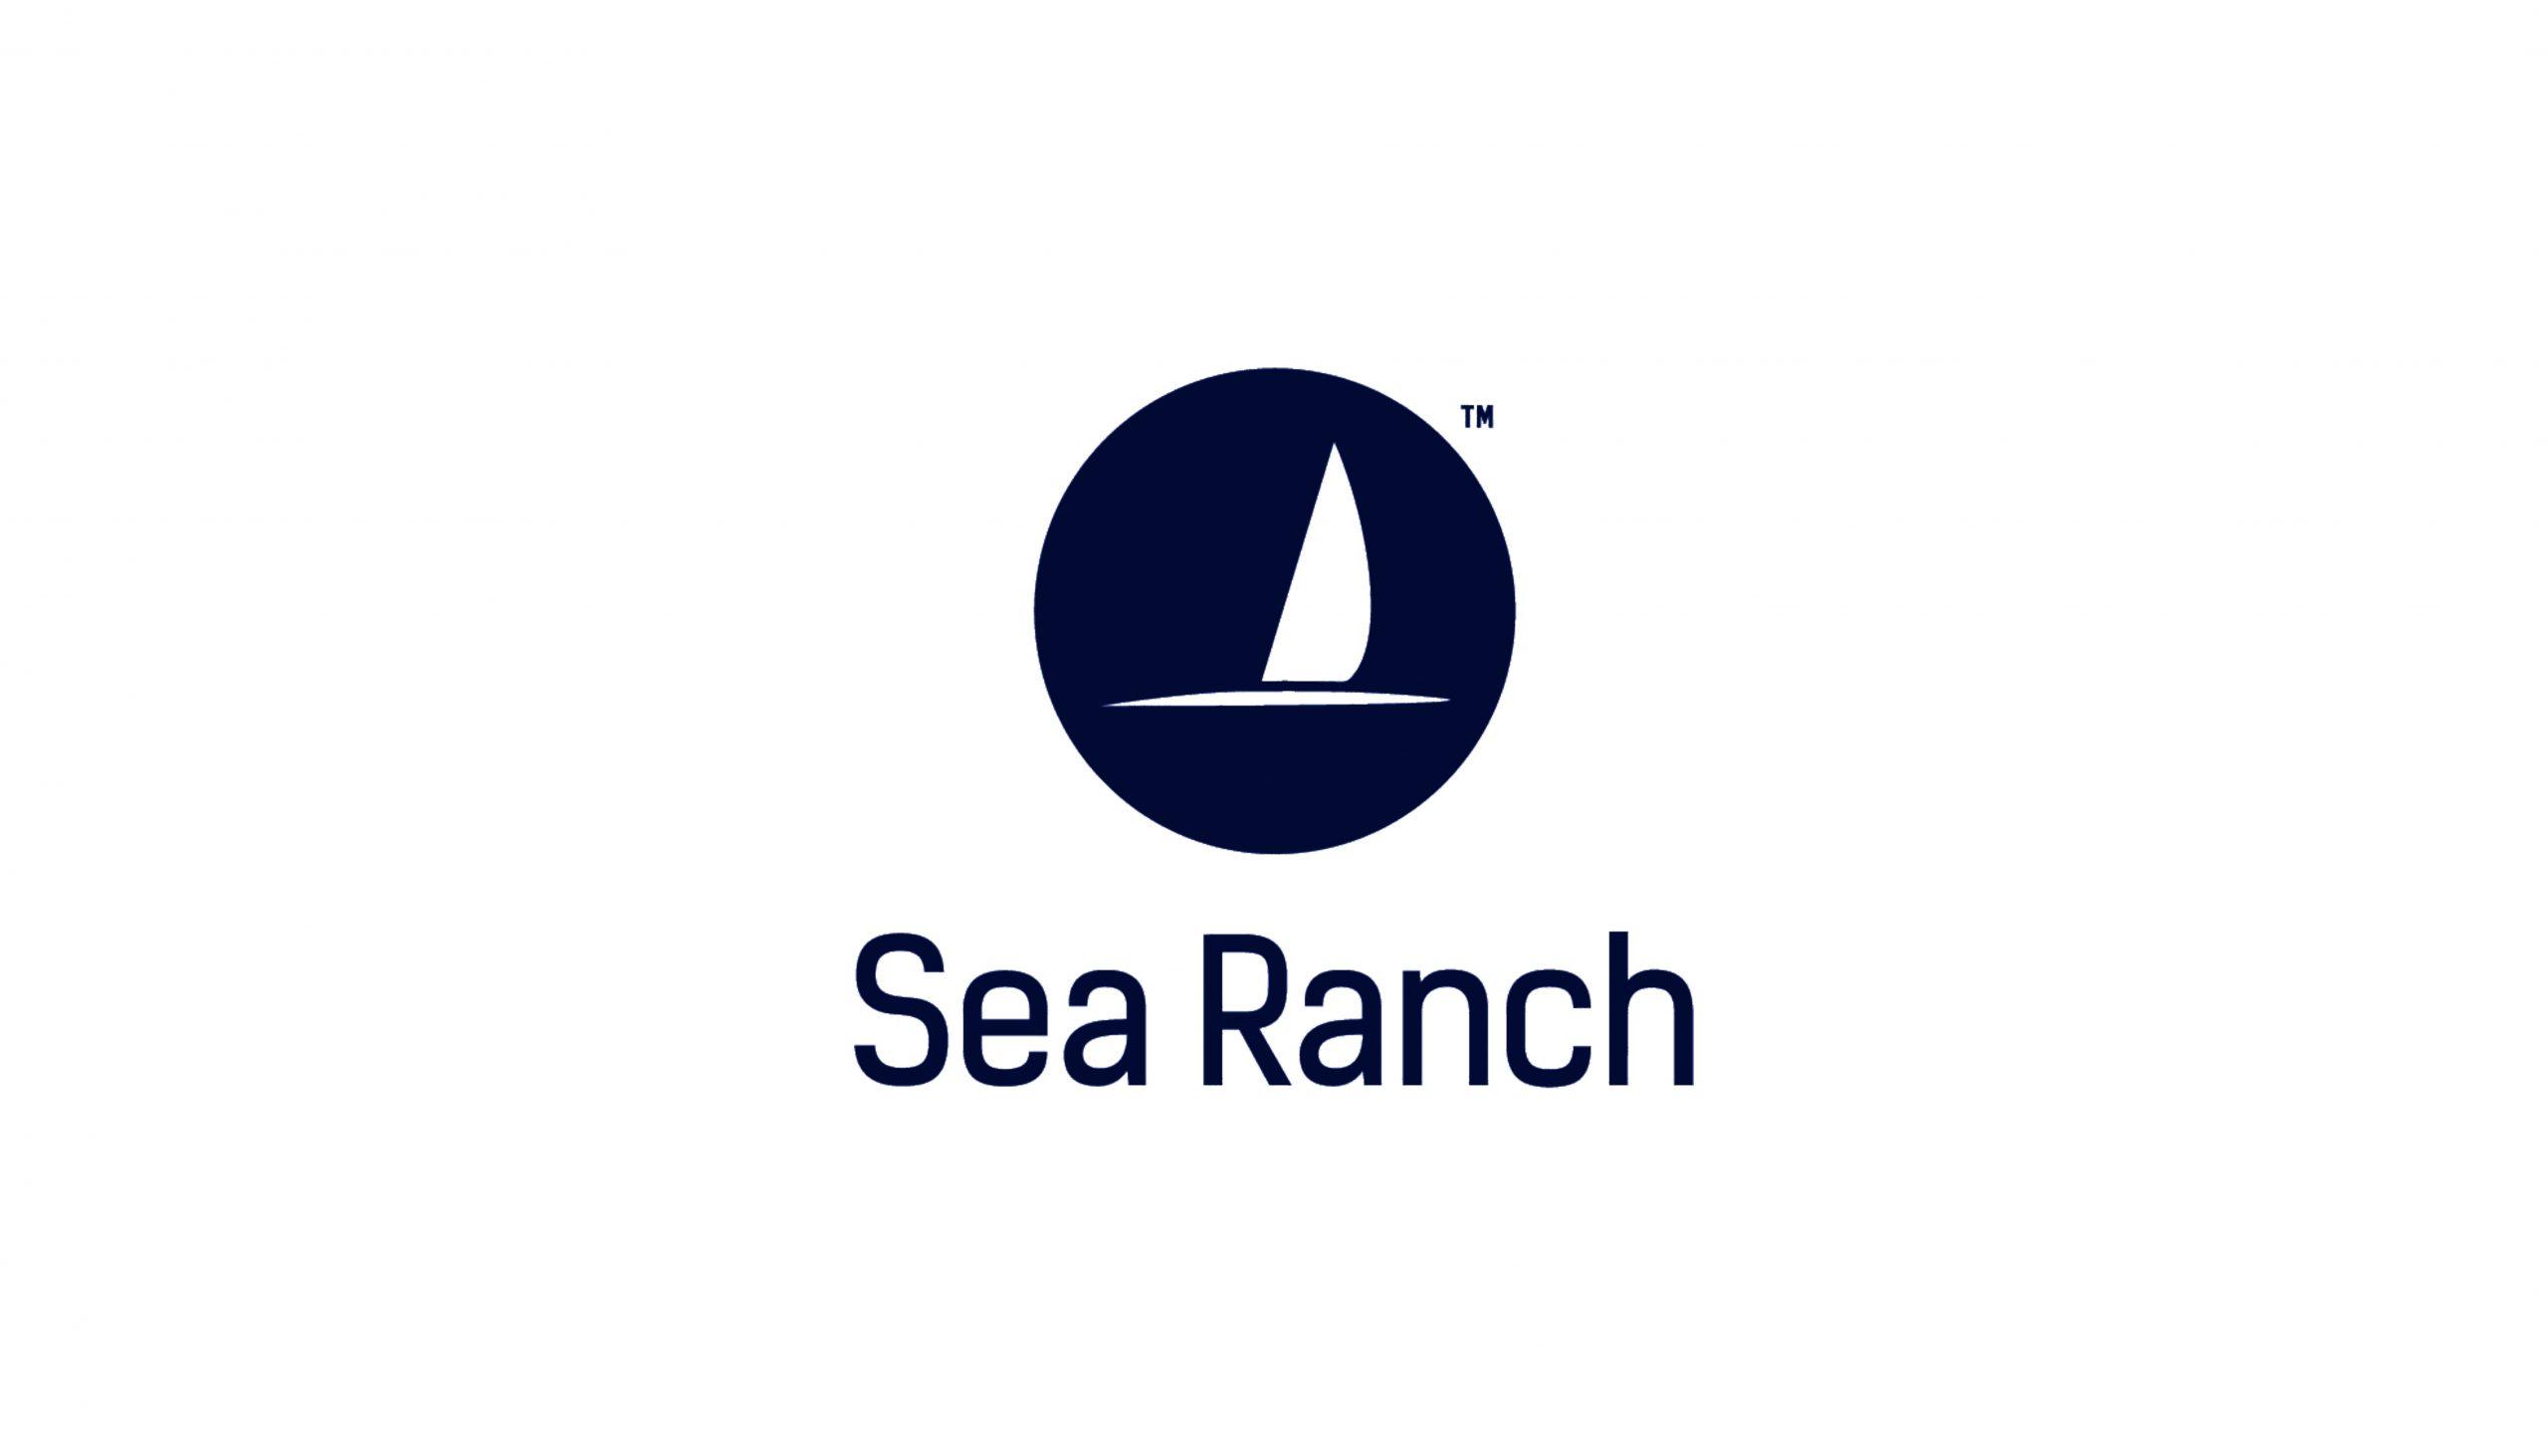 Sea Ranch logo